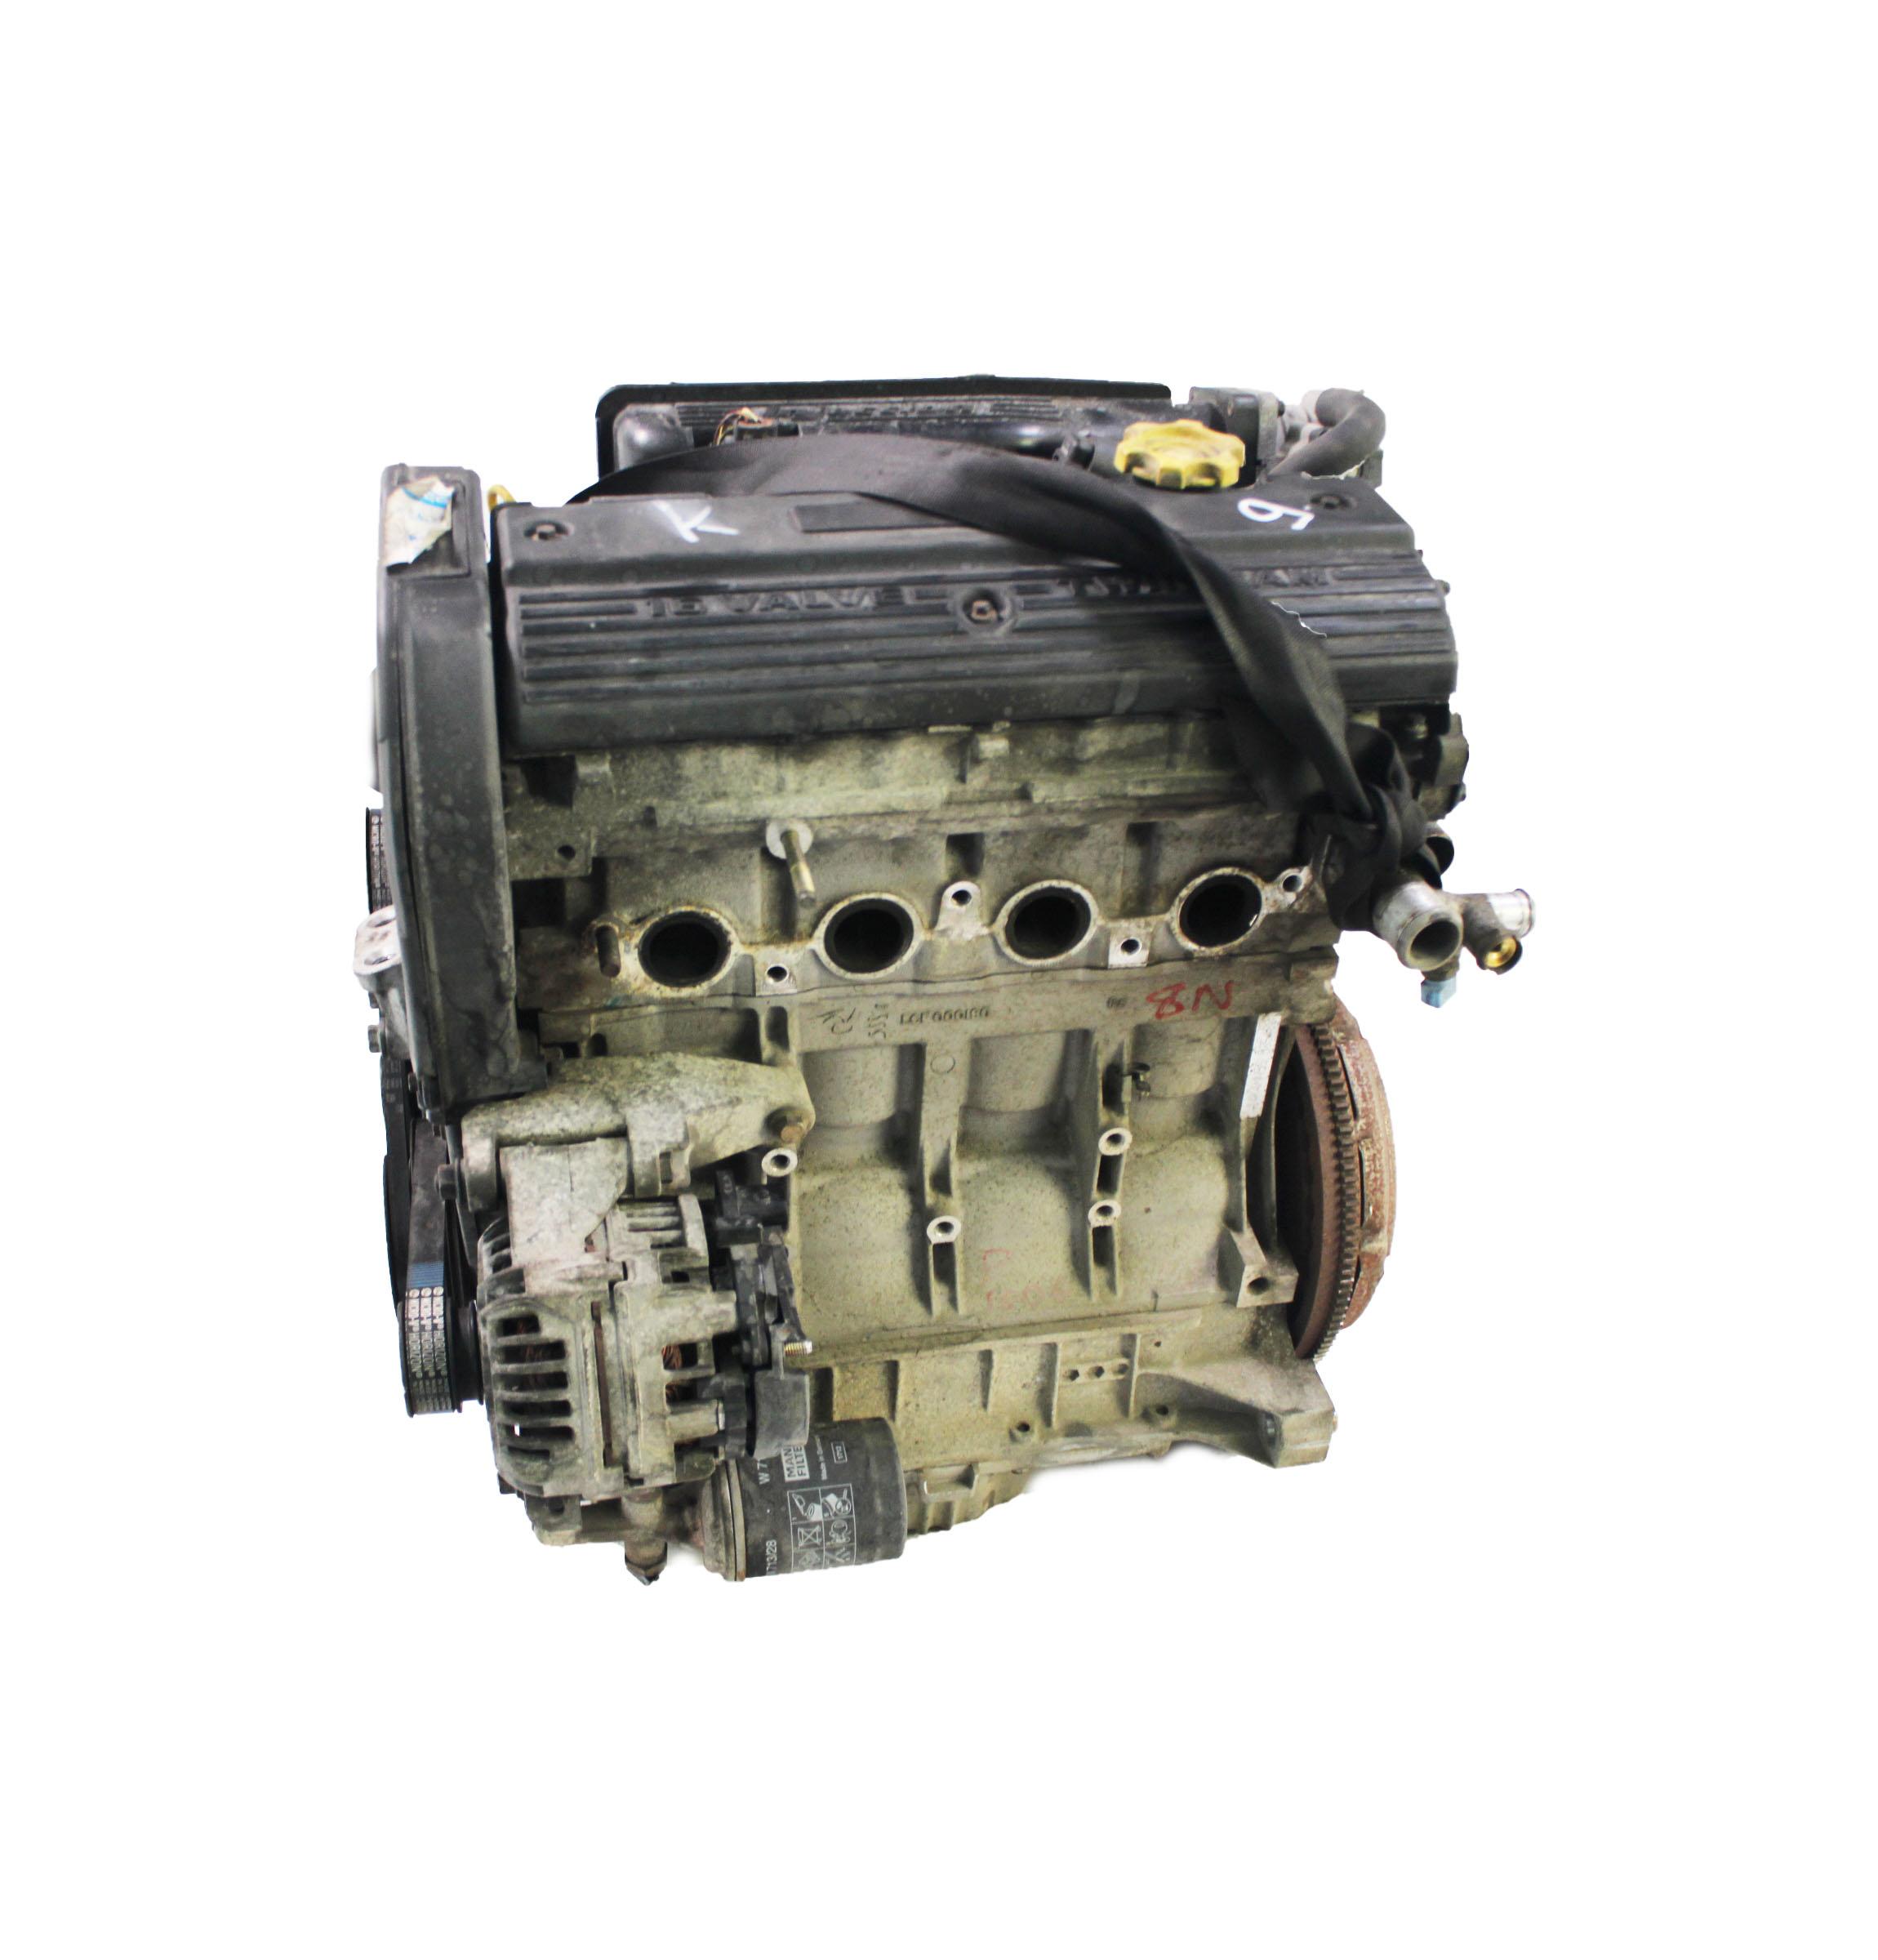 Motor für Rover 25 RF 1,4 16V Benzin 14K4M 84 PS 62 KW